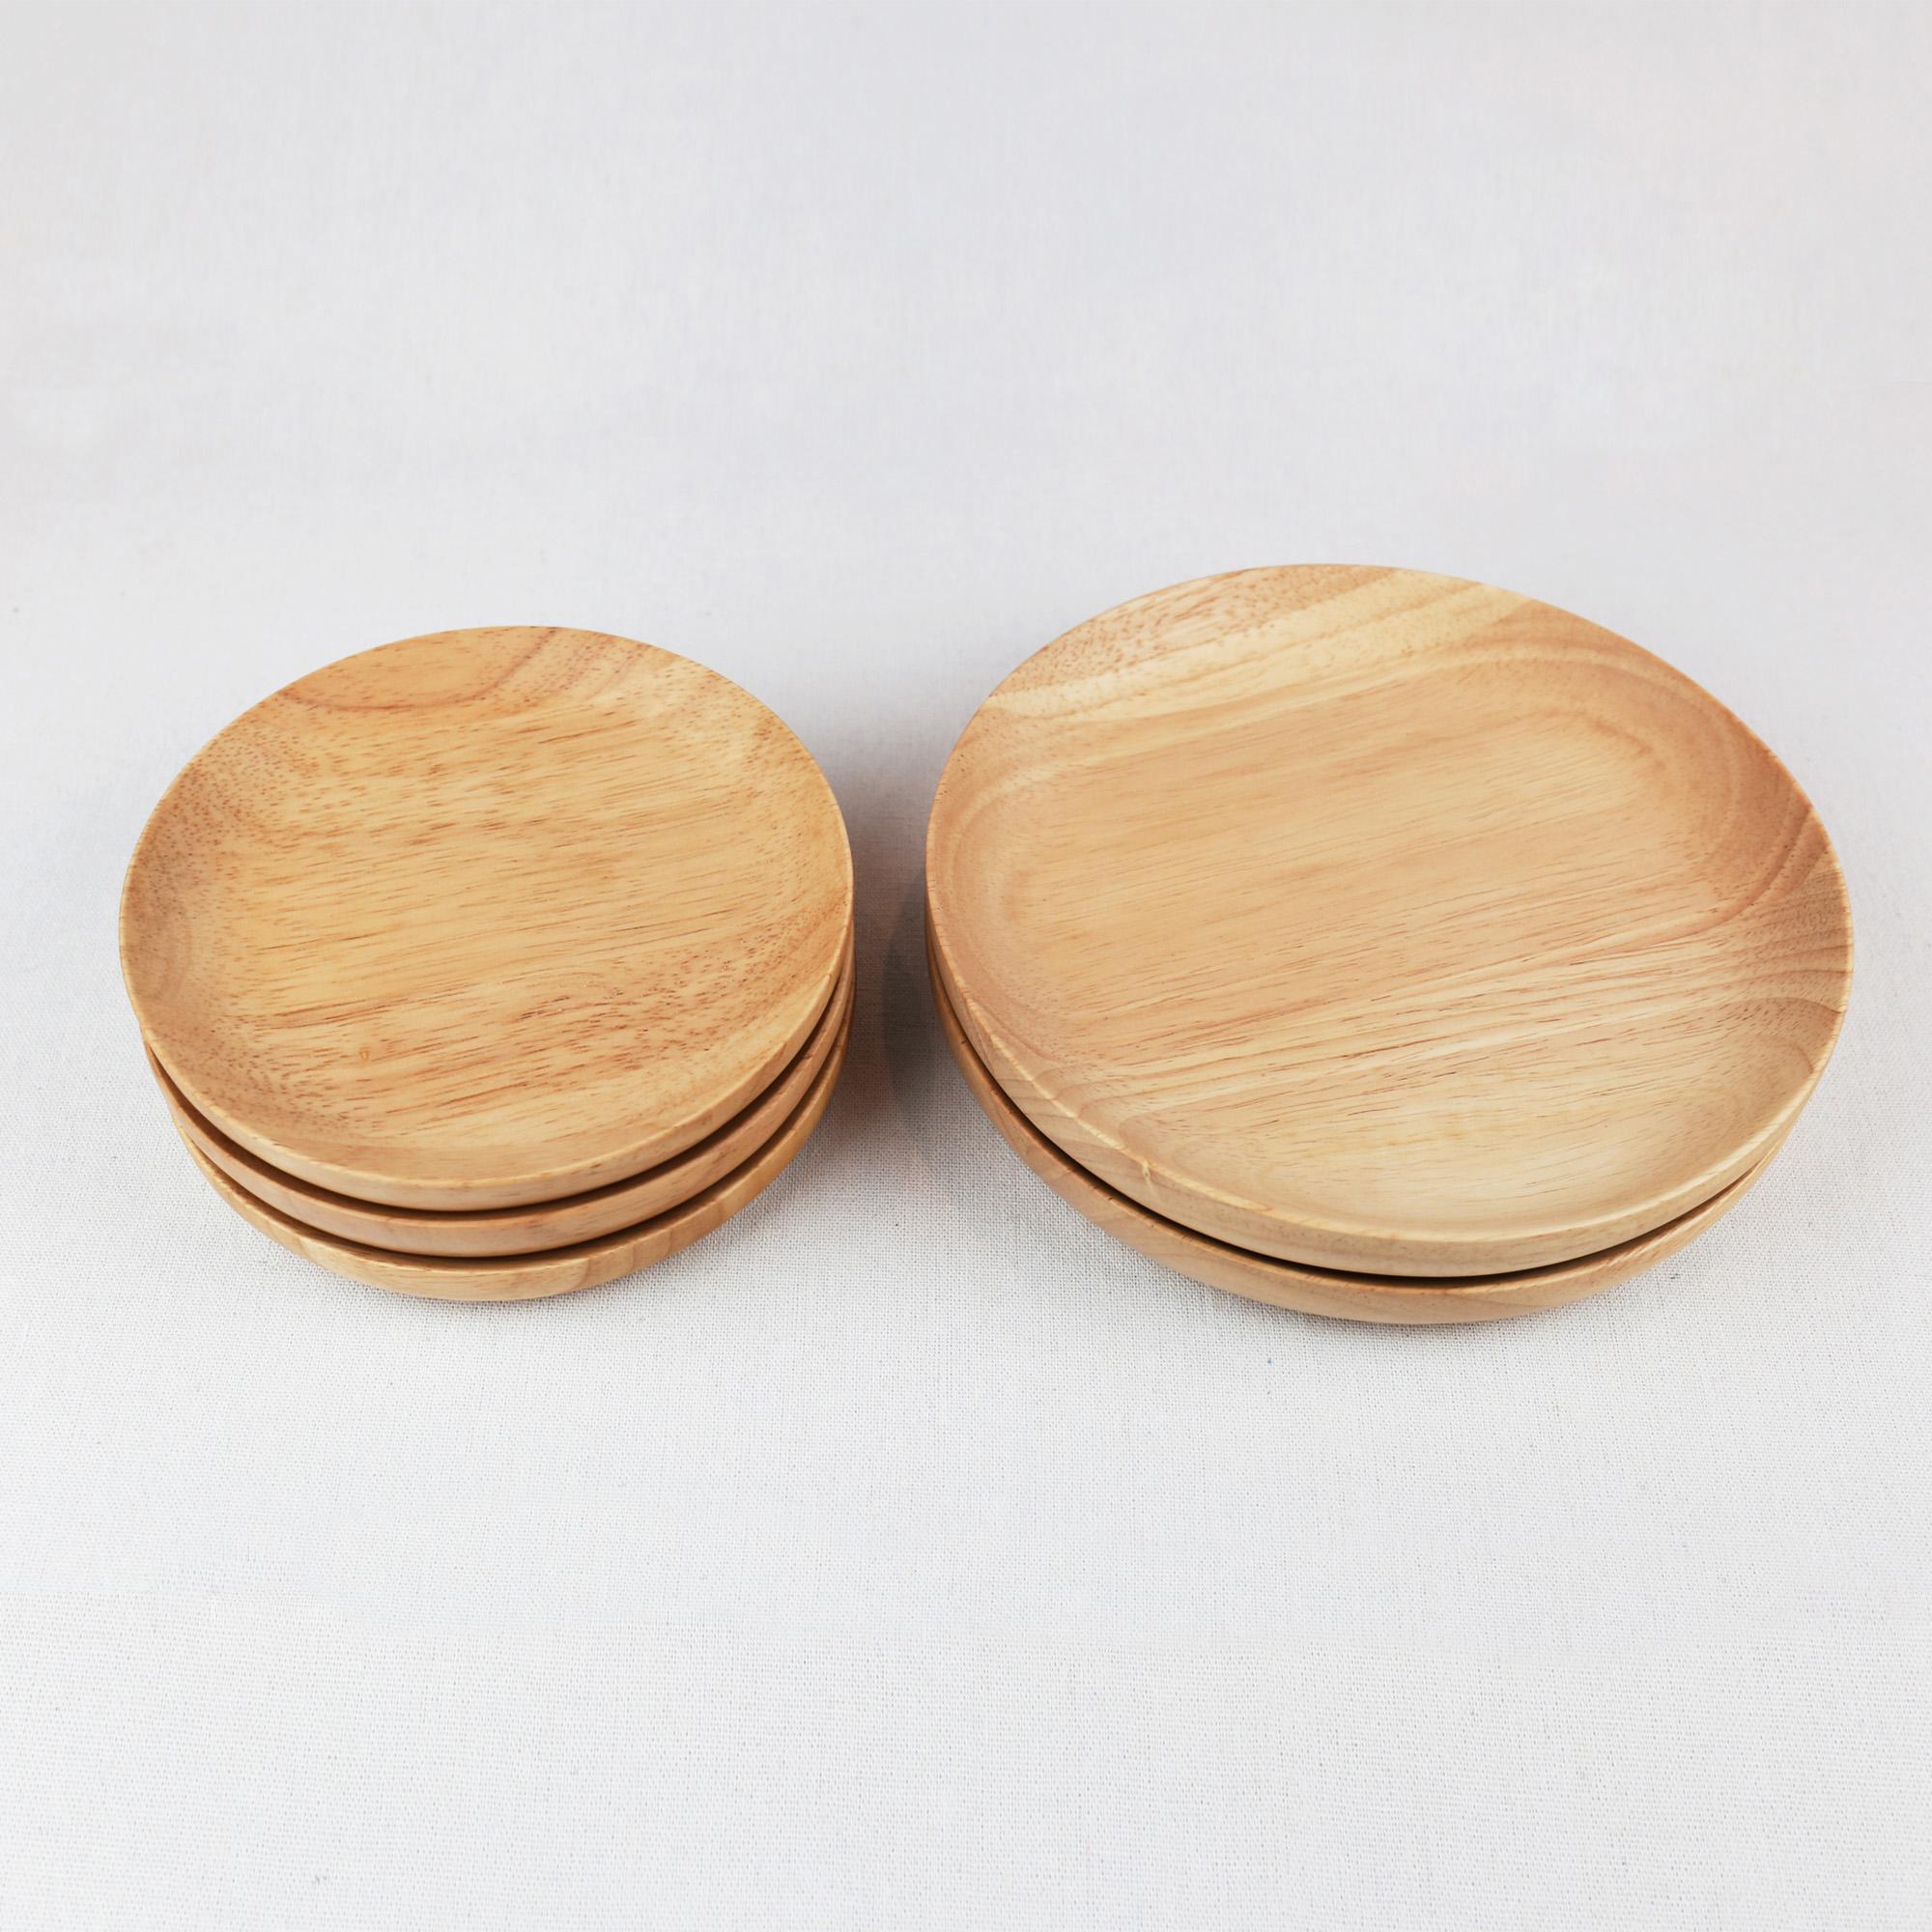 日式橡胶木果盘餐盘茶盘糕点盘托盘果盆杯垫零食盘糕点木质木制